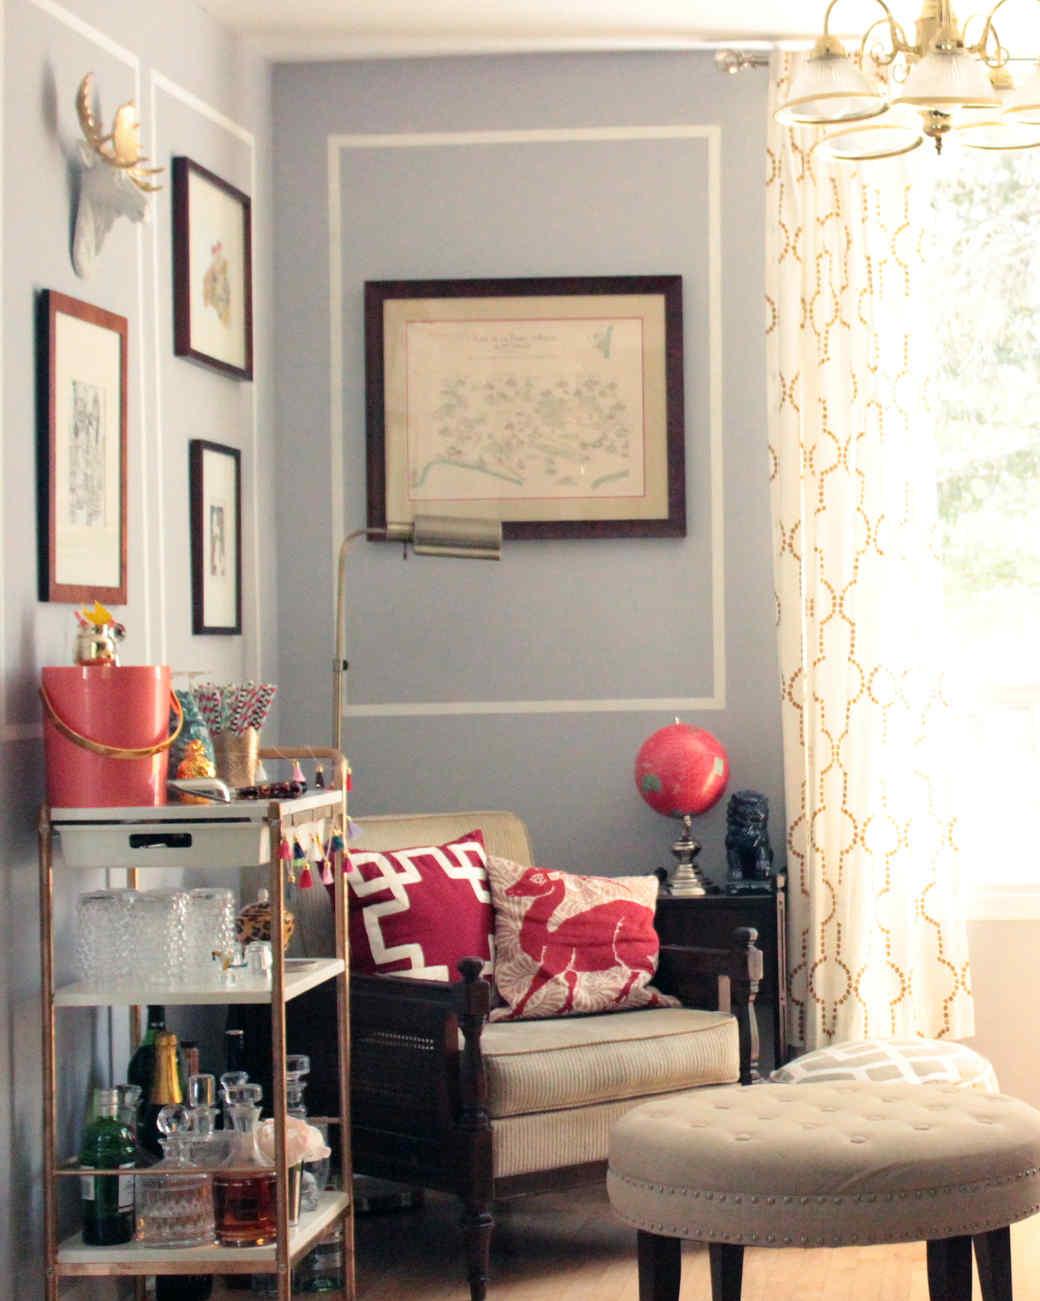 mshome-content-sittingroom2-beforeafter-0925.jpg